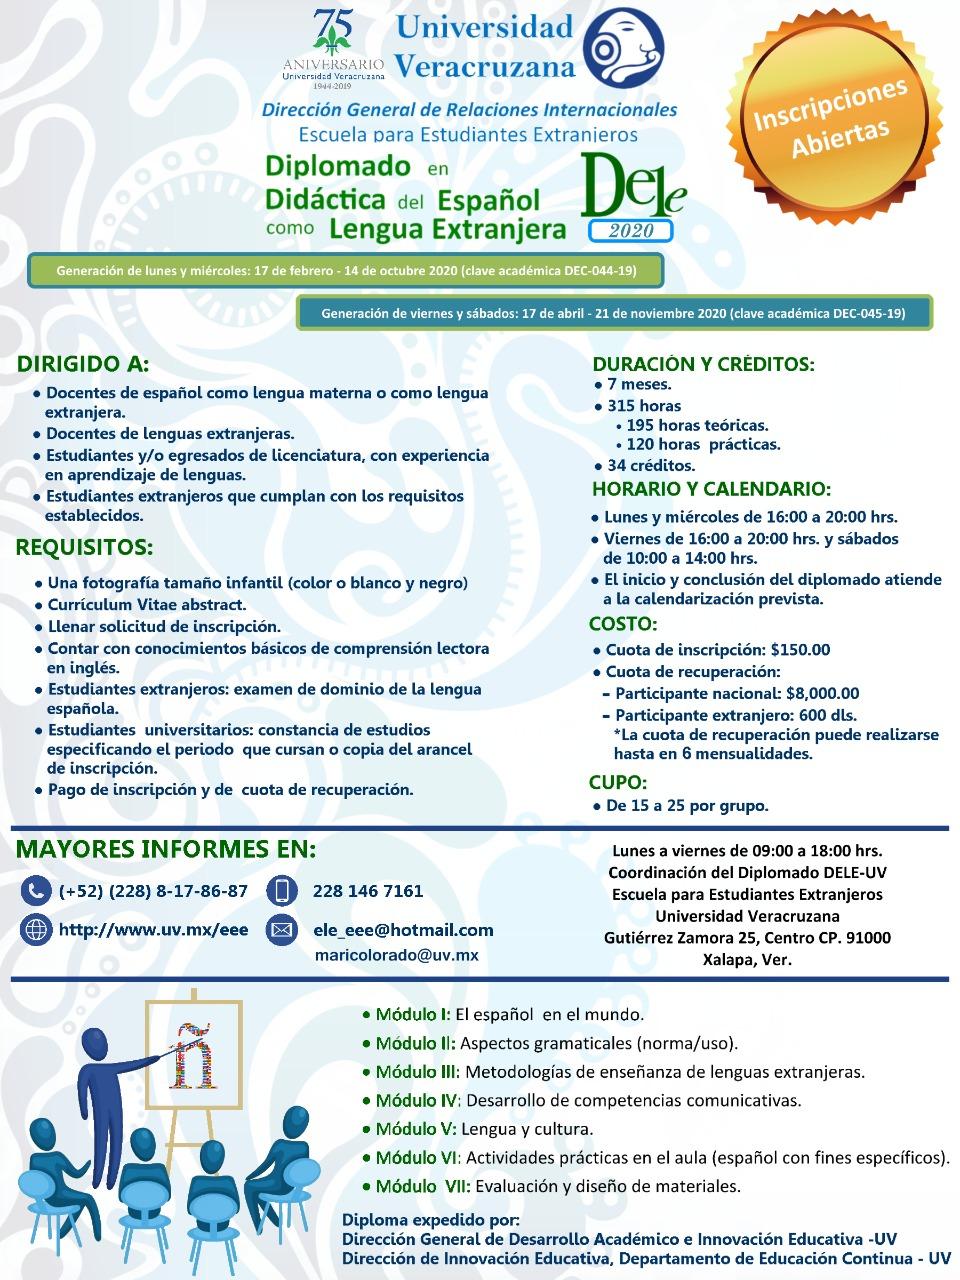 EEE - Diplomado en Didáctica del Español como Lengua Extranjera 2020